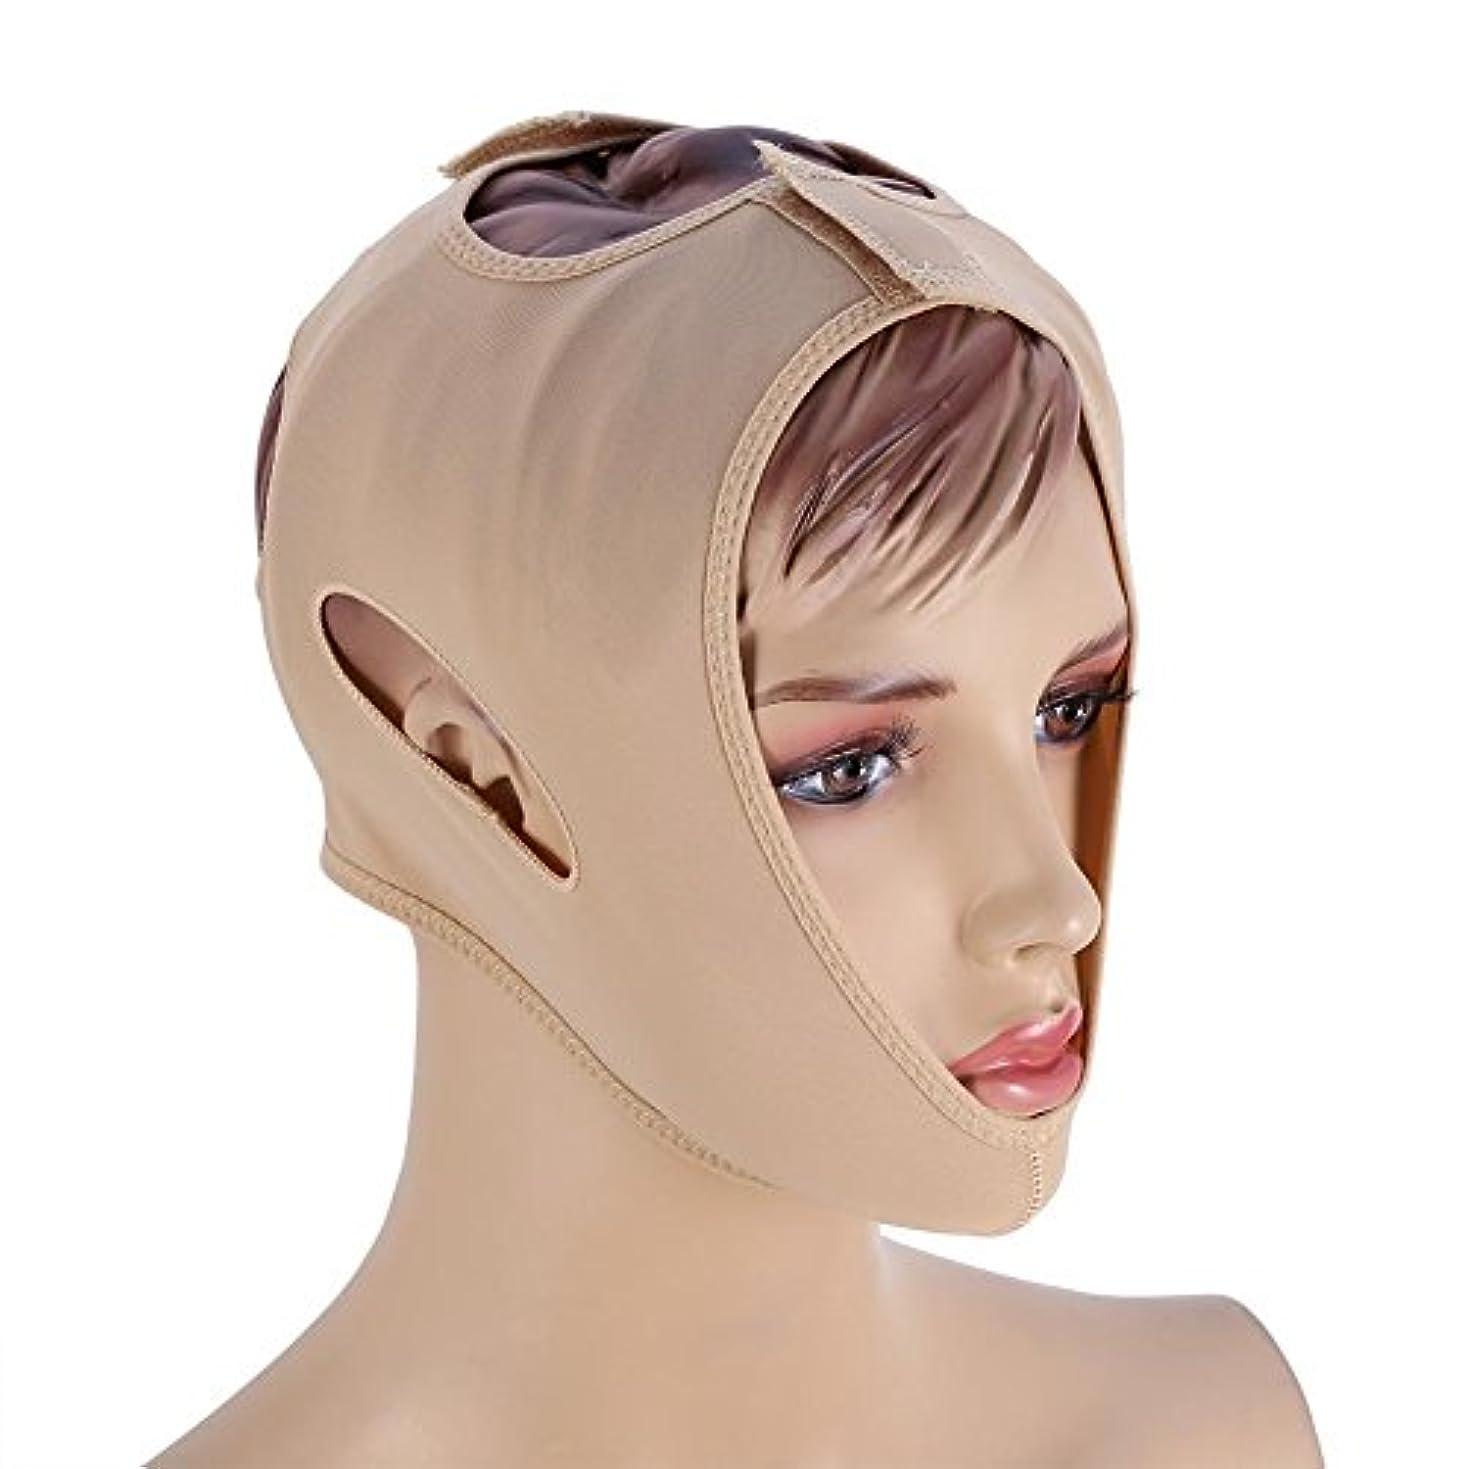 牛天皇切り下げフェイスベルト 額、顎下、頬リフトアップ 小顔 美顔 頬のたるみ 引き上げマスク便利 伸縮性 繊維 (L码)